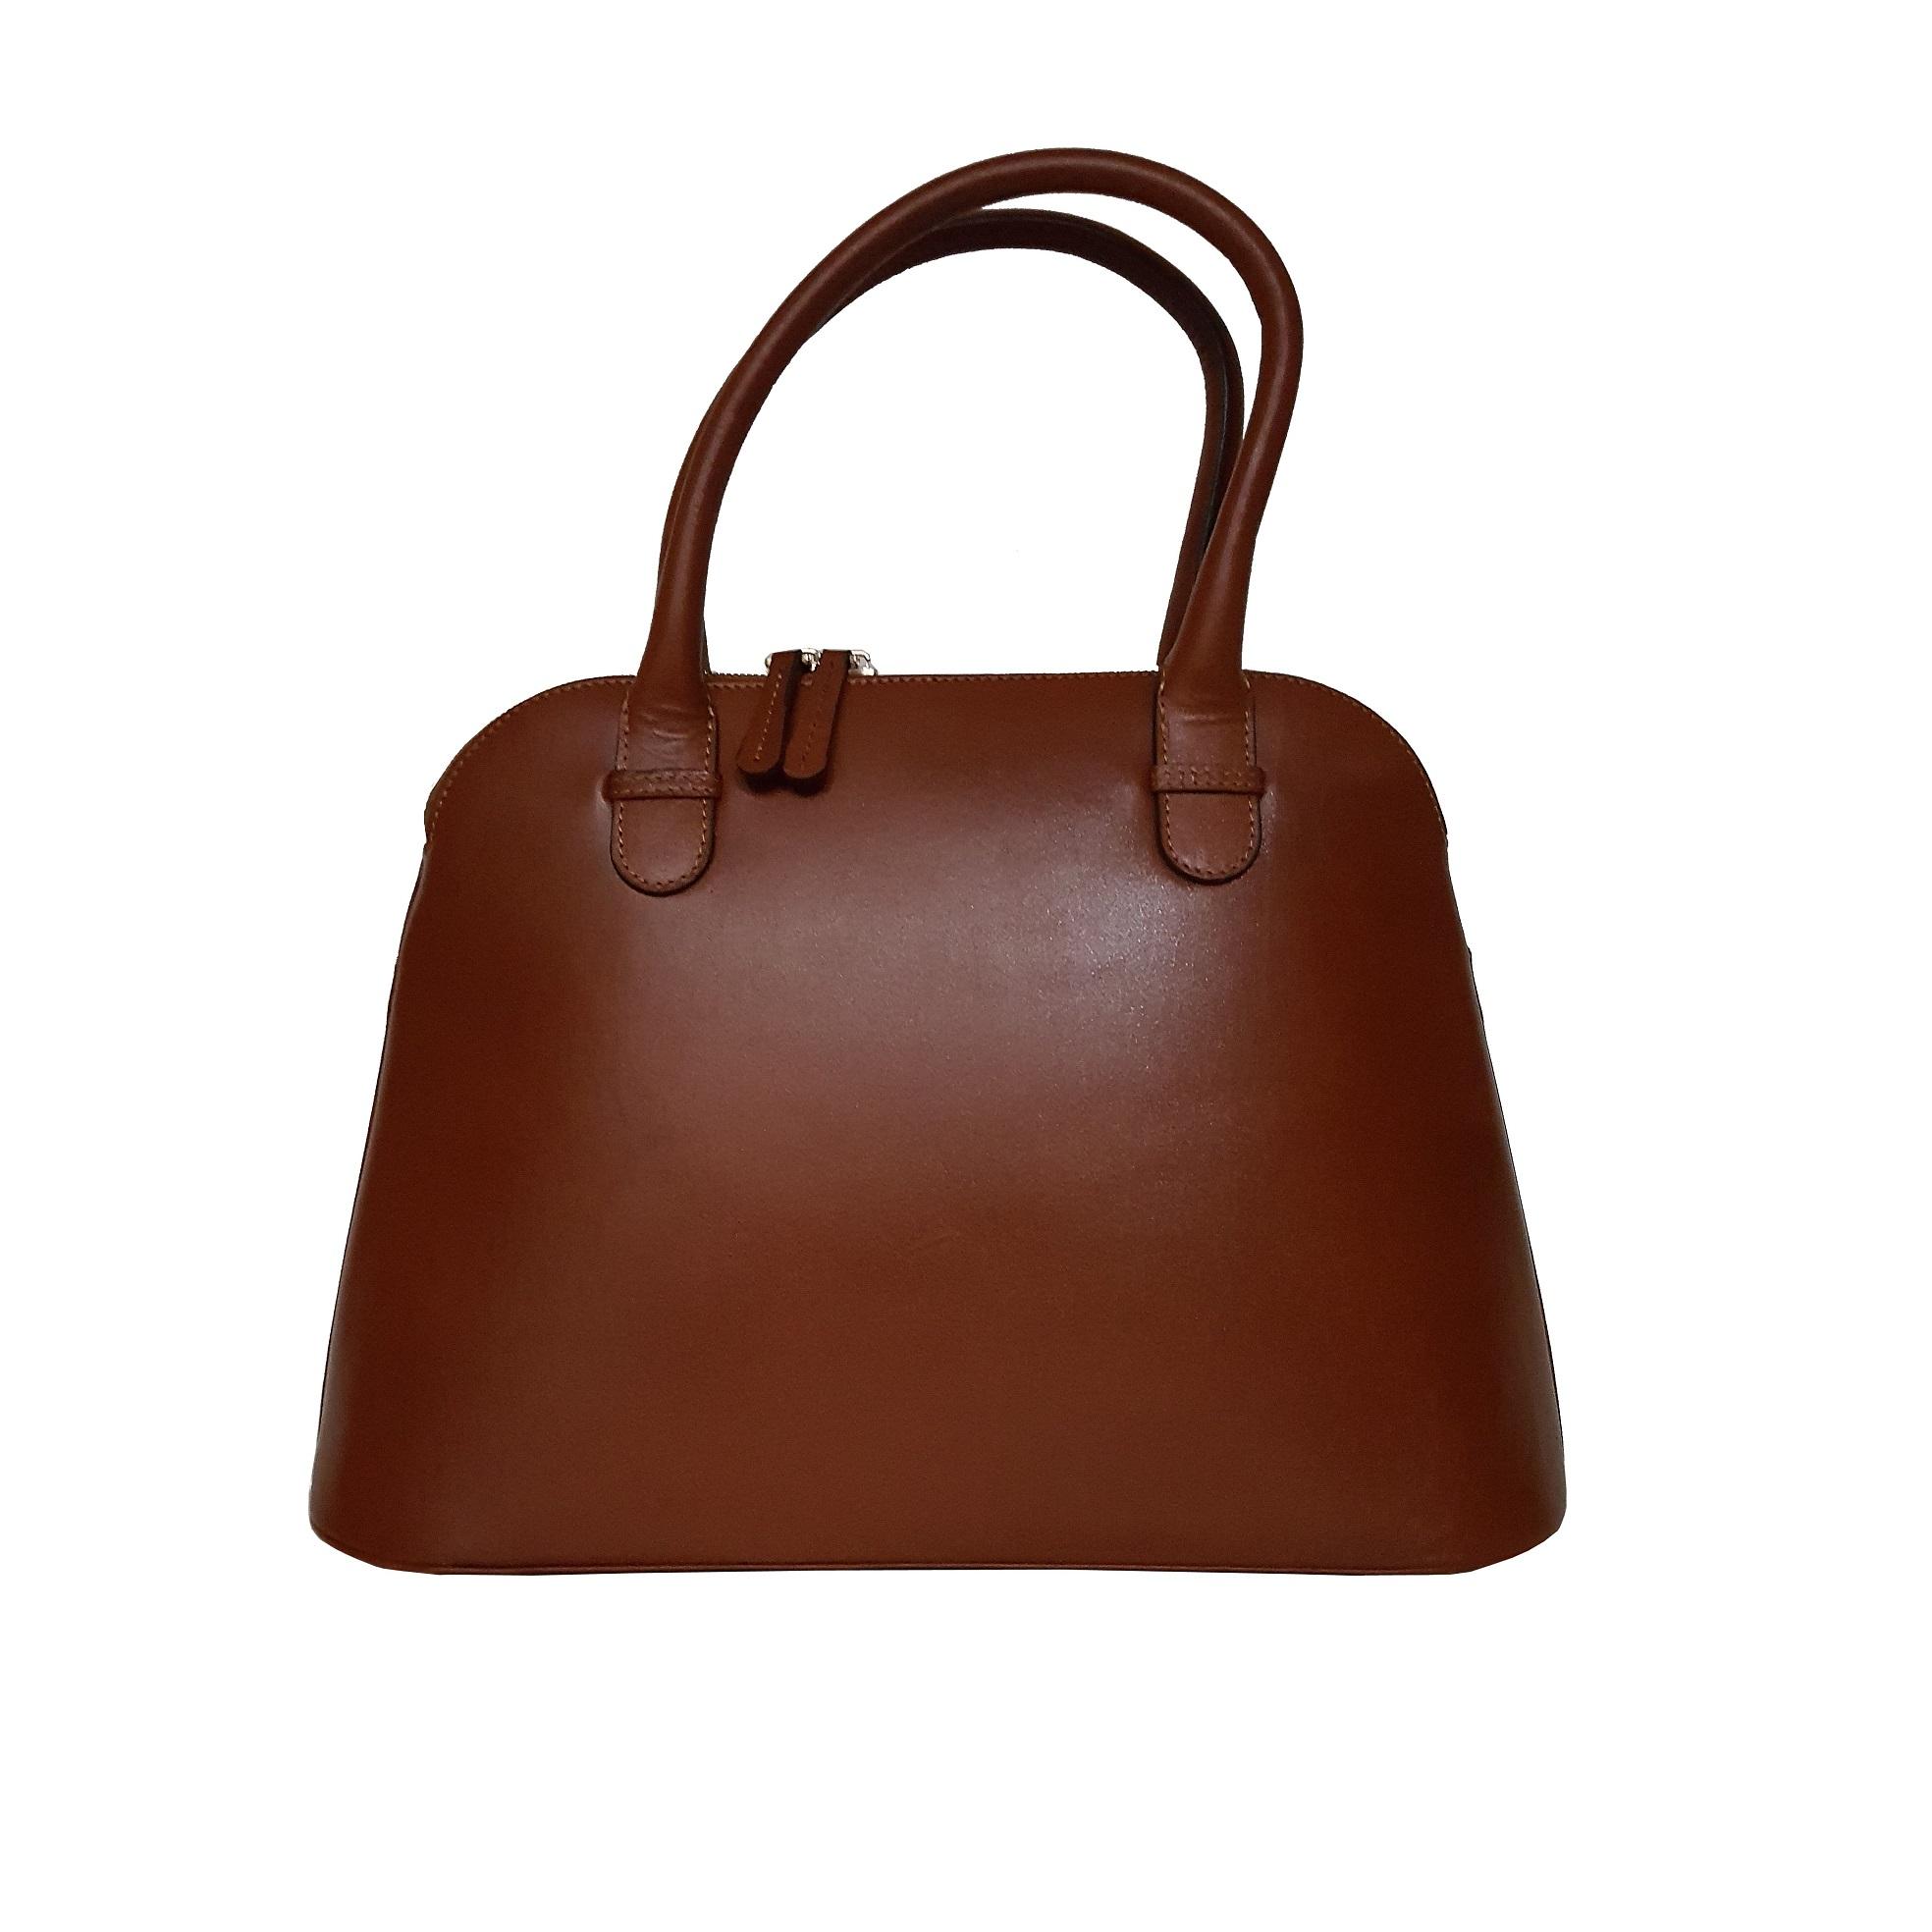 کیف دستی زنانه مدل 3003 رنگ قهوه ای روشن